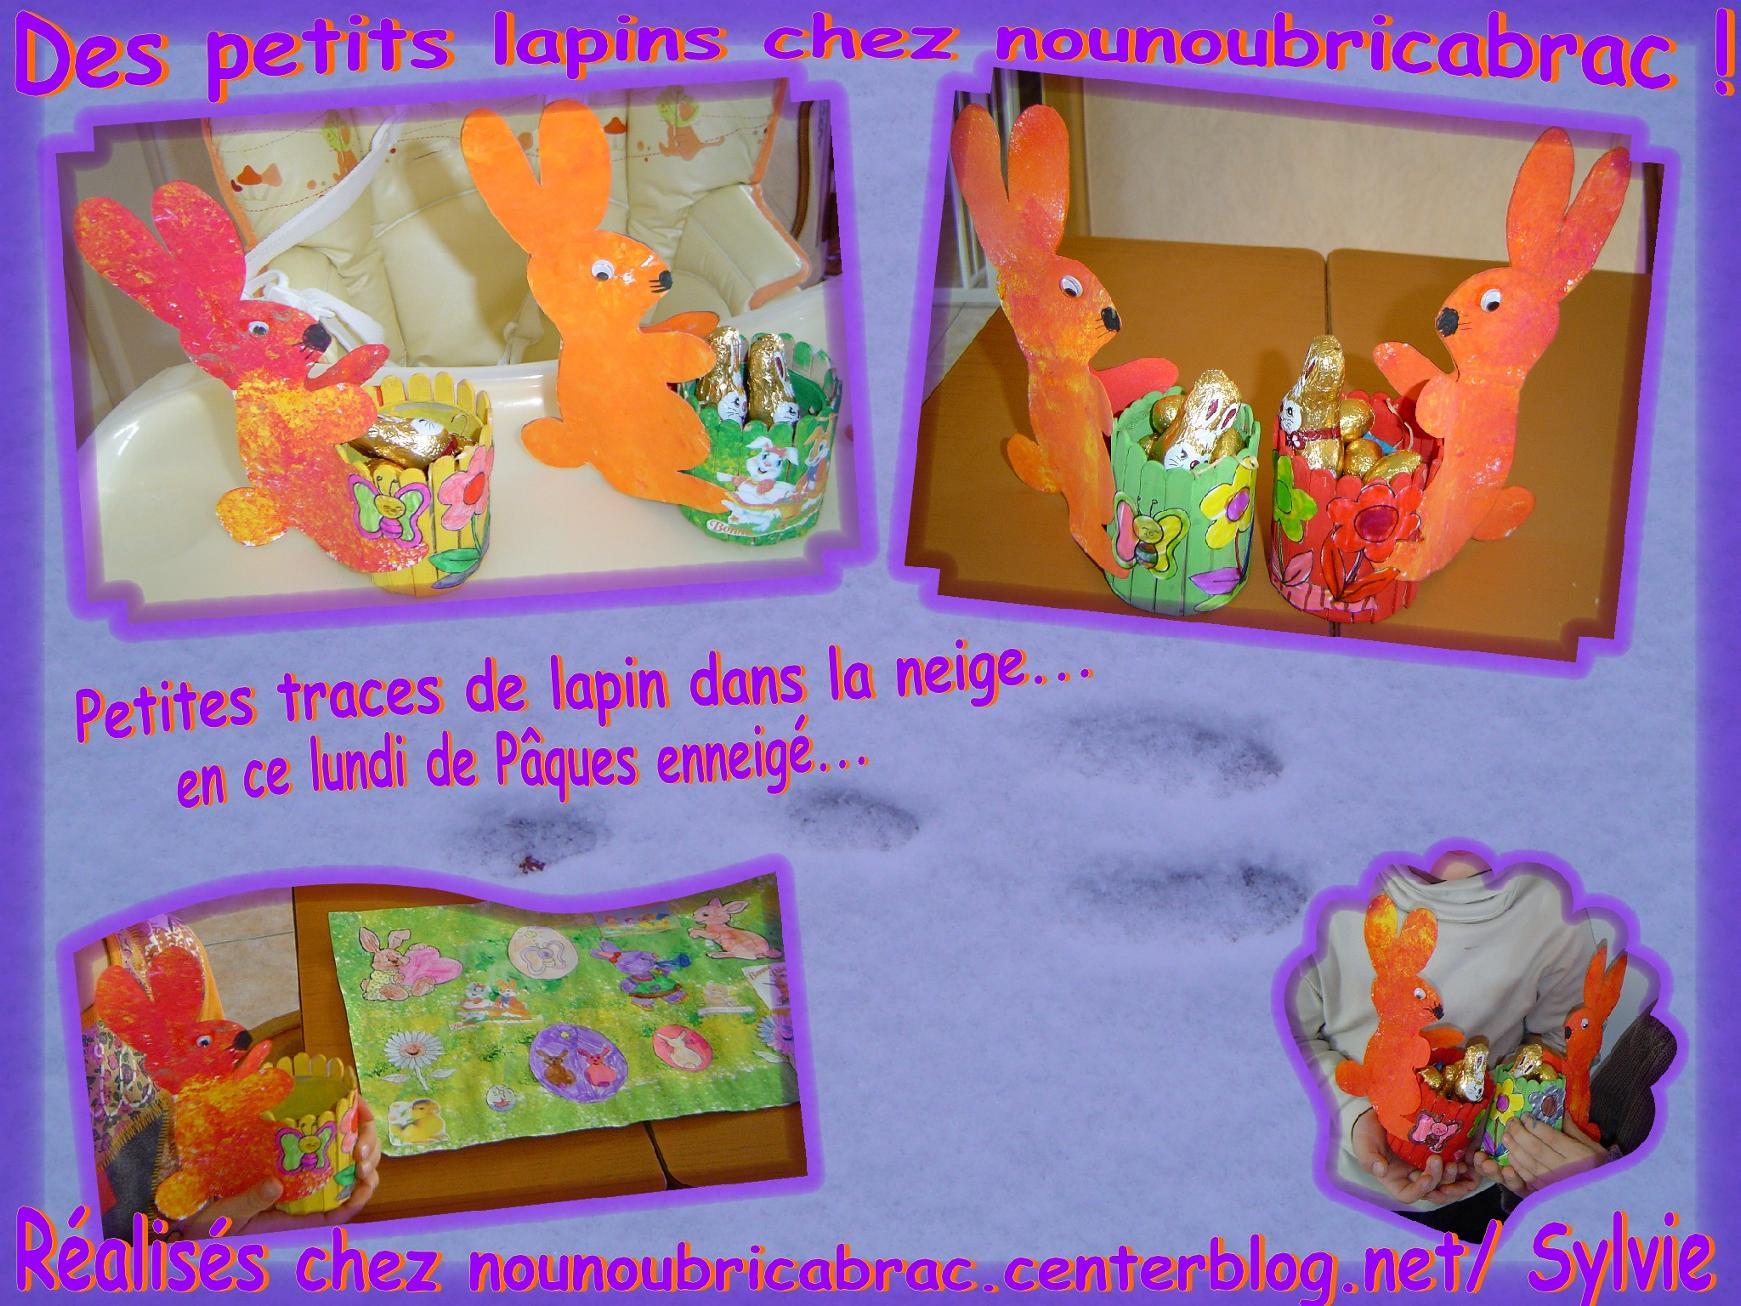 Lapin de Pâques *6* chez Nounoubricabrac...